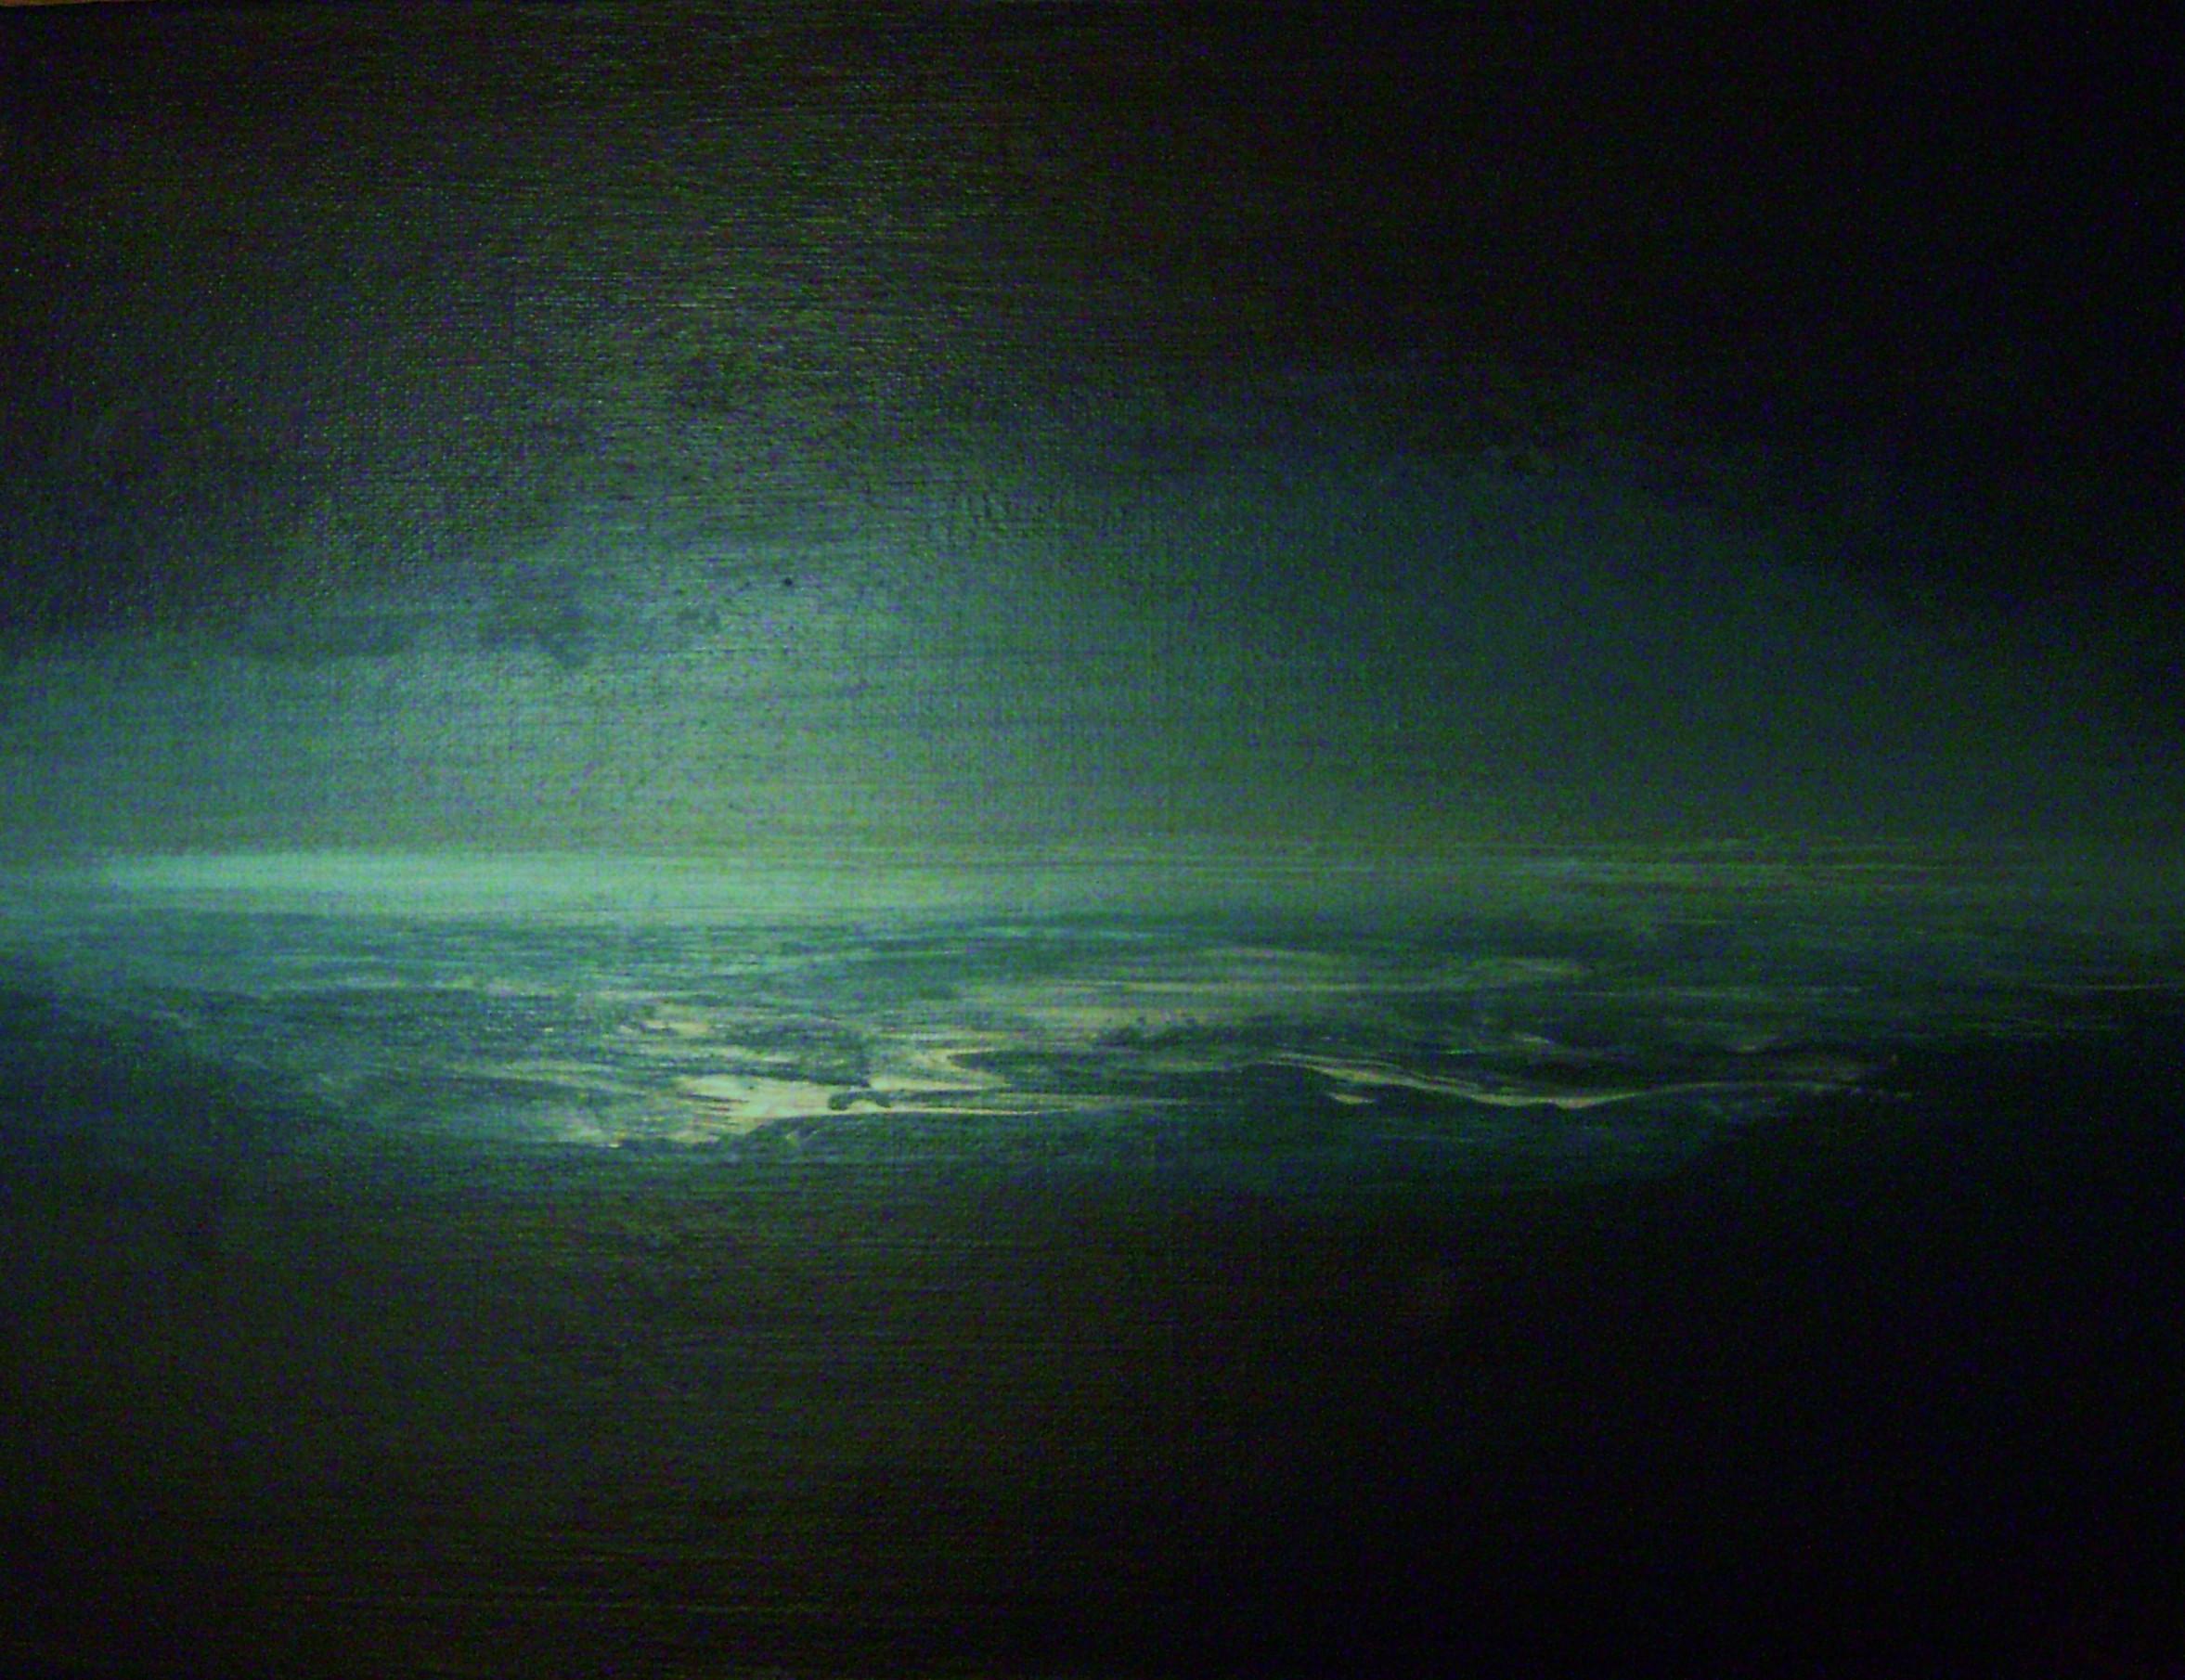 Moonlight (2011) SOLD